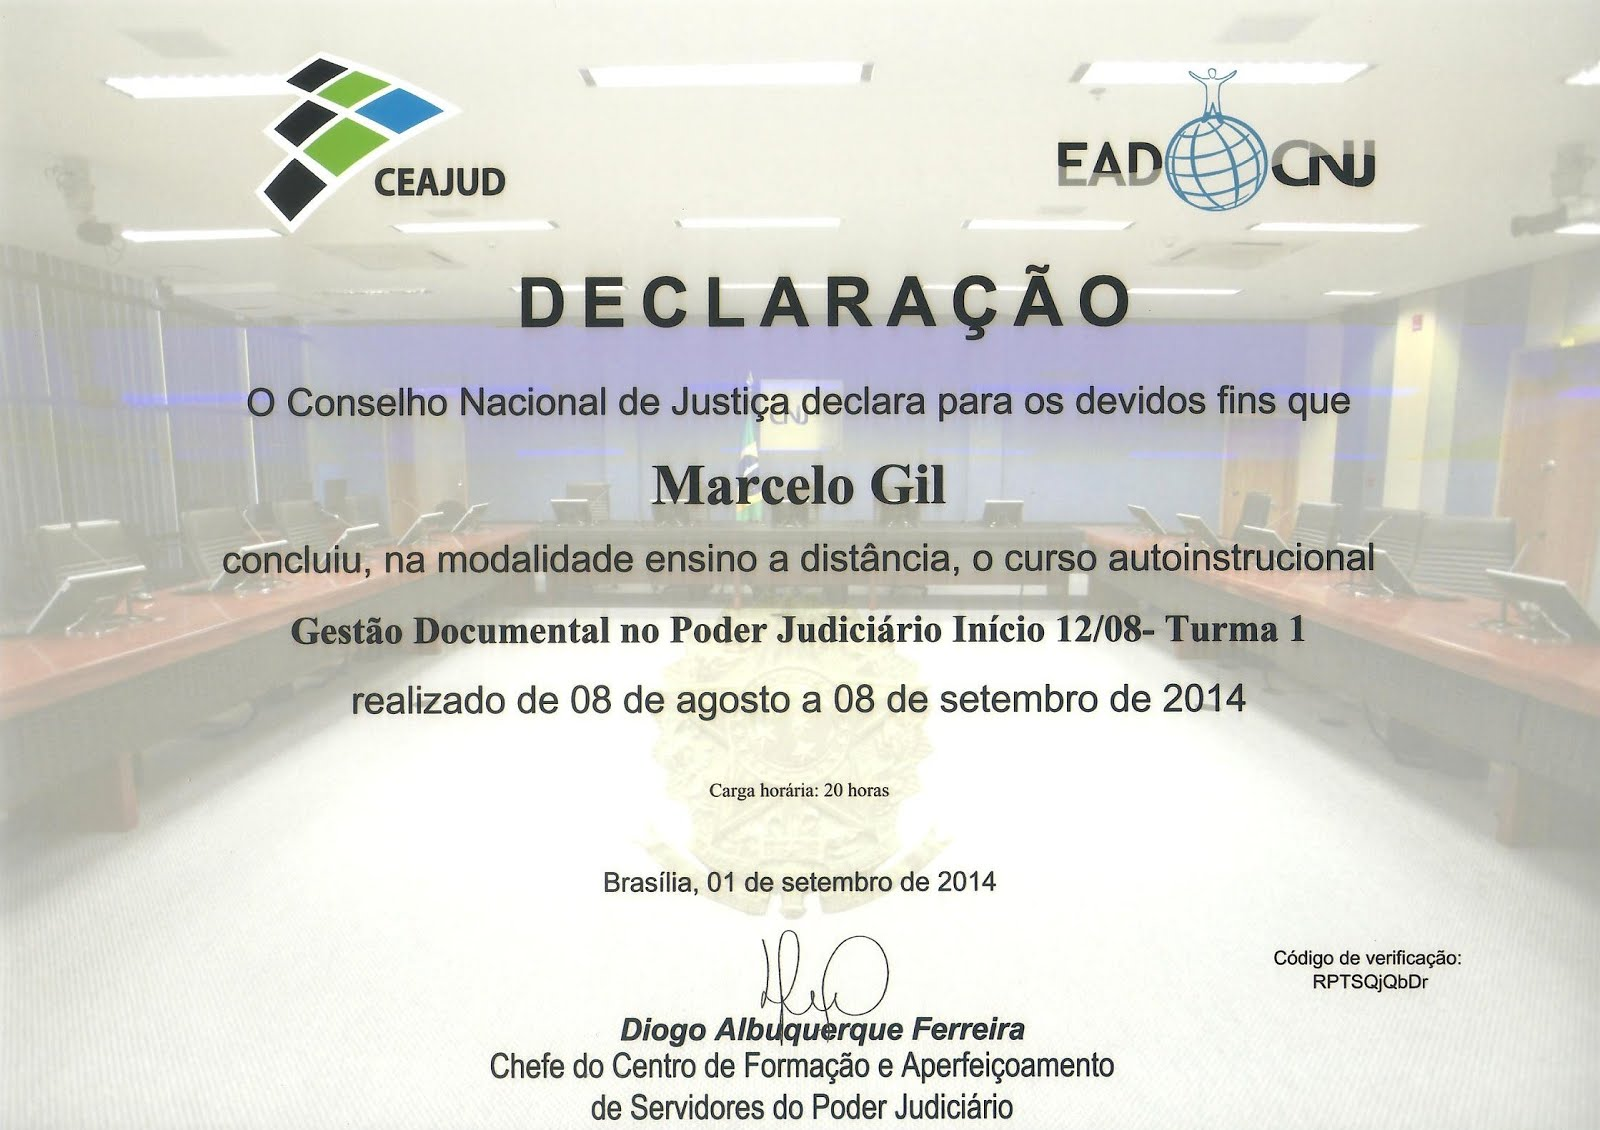 DECLARAÇÃO DO CONSELHO NACIONAL DE JUSTIÇA CONCEDIDO À MARCELO GIL / 2014